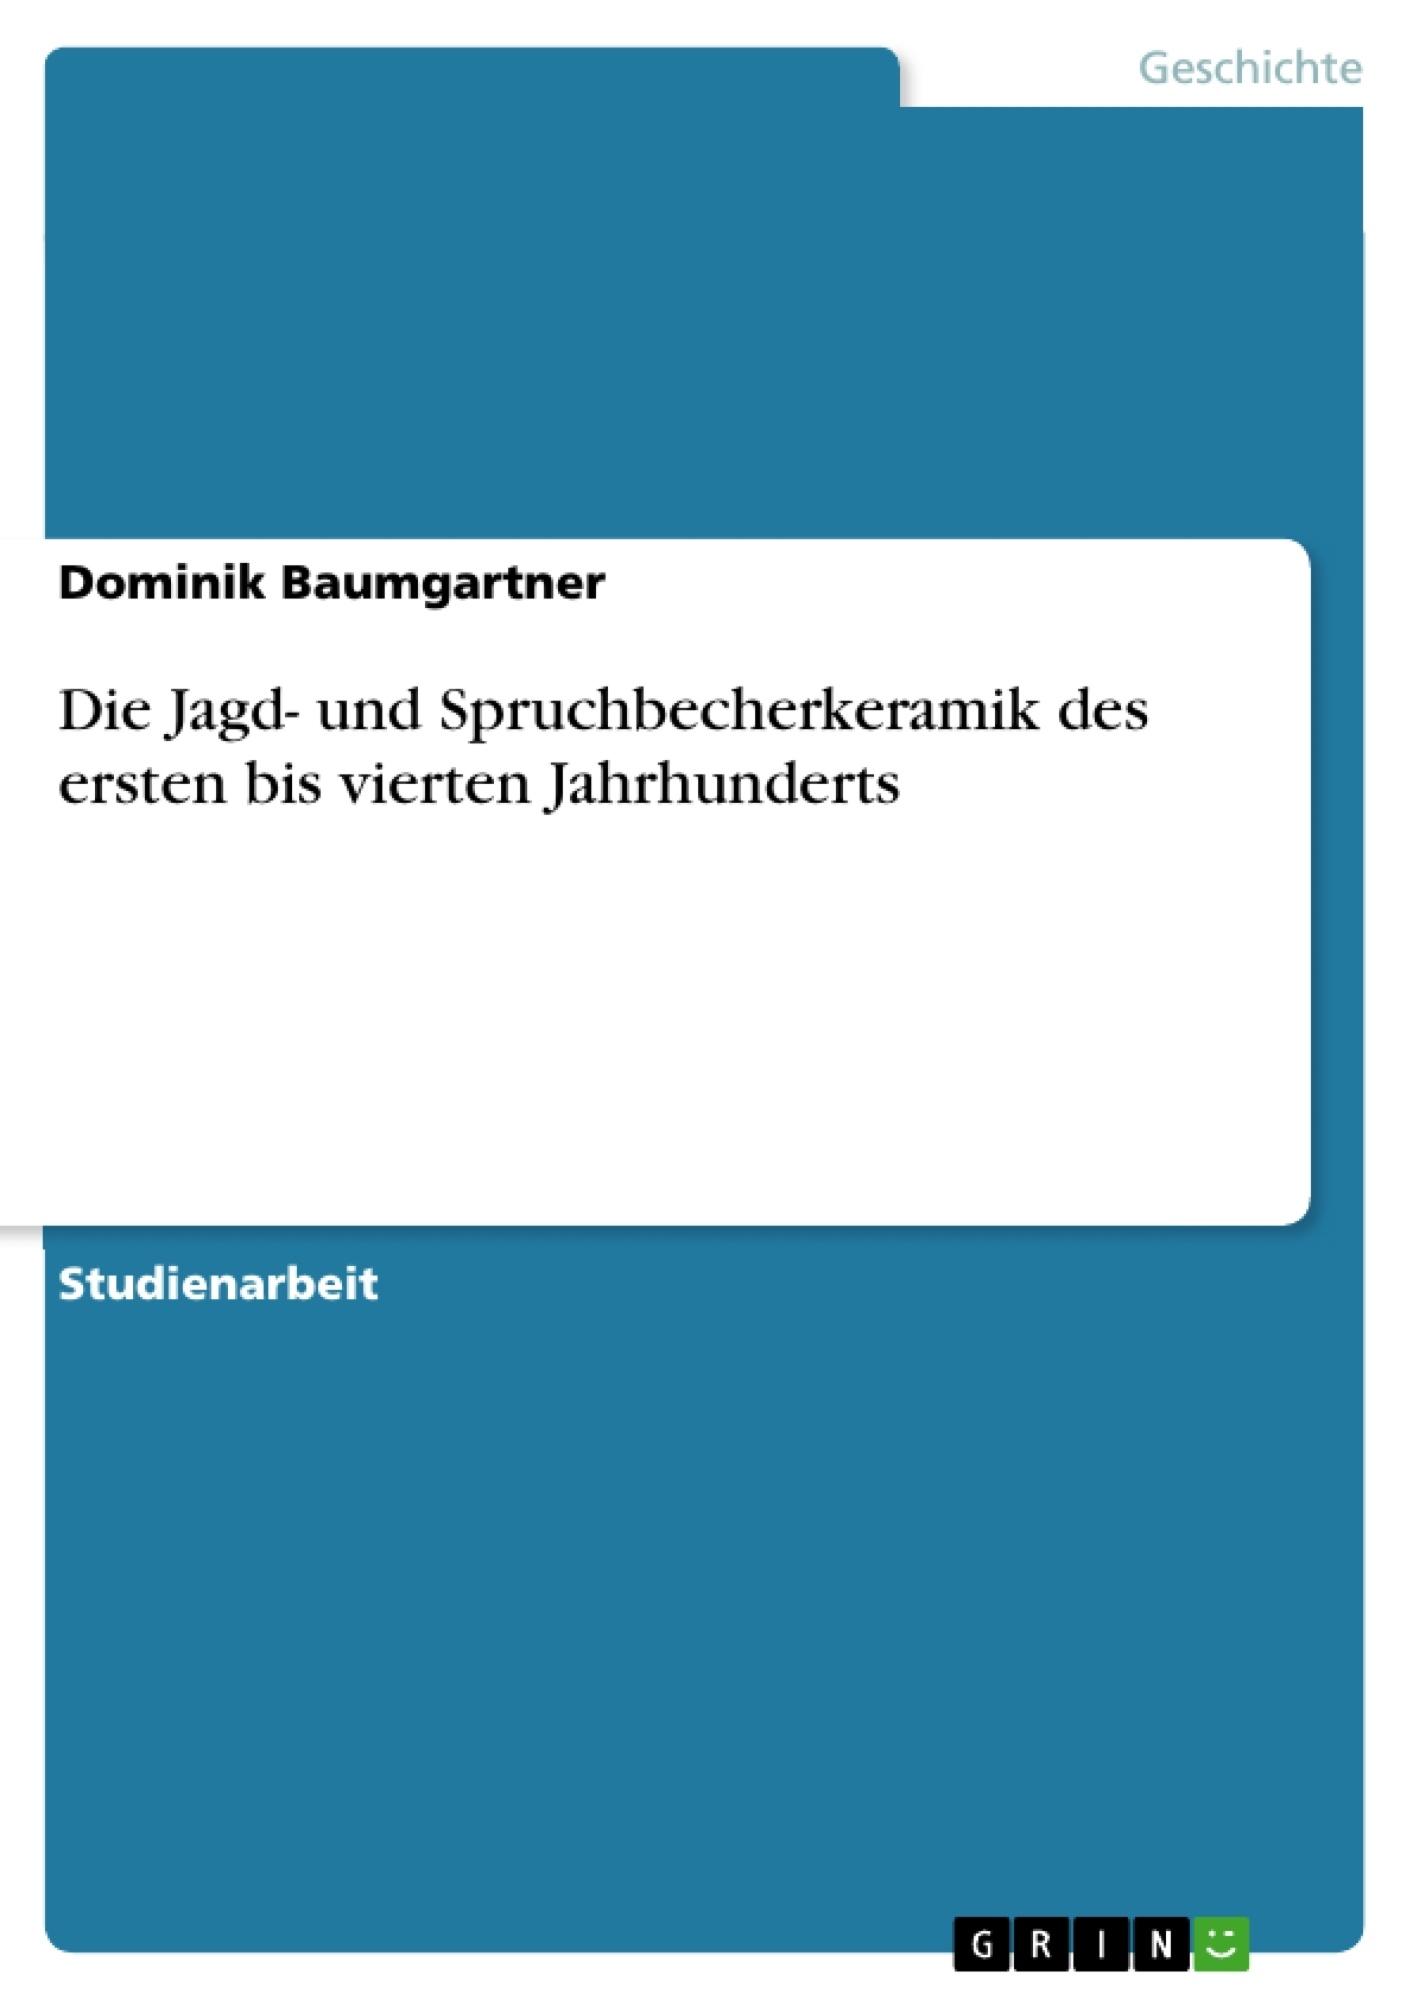 Titel: Die Jagd- und Spruchbecherkeramik des ersten bis vierten Jahrhunderts